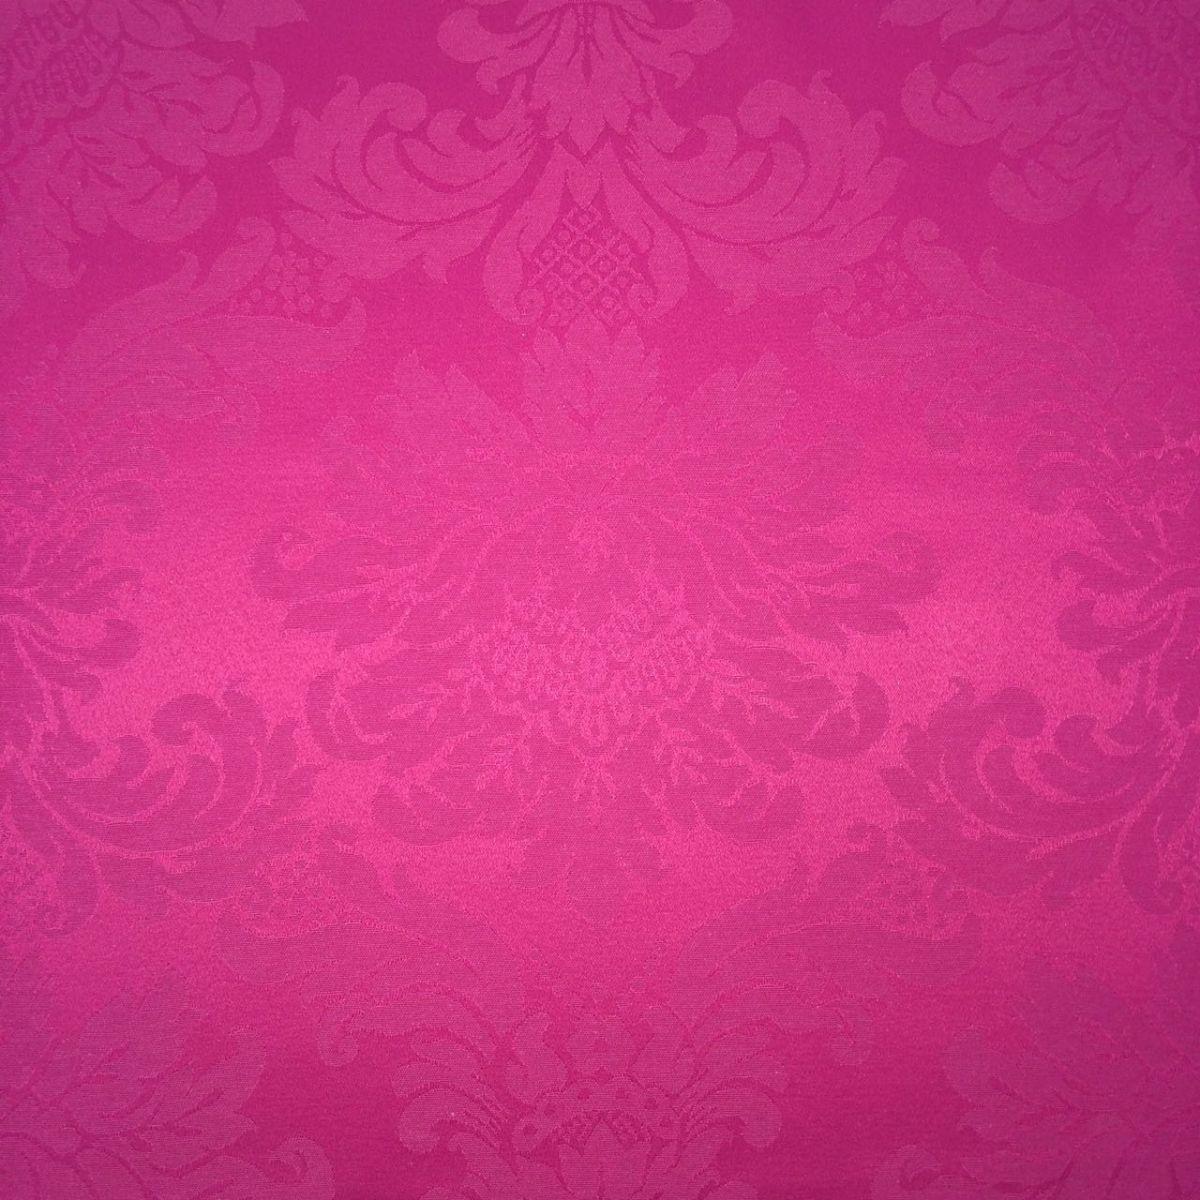 Tecido Jacquard Pink Medalhão 2.80m de Largura